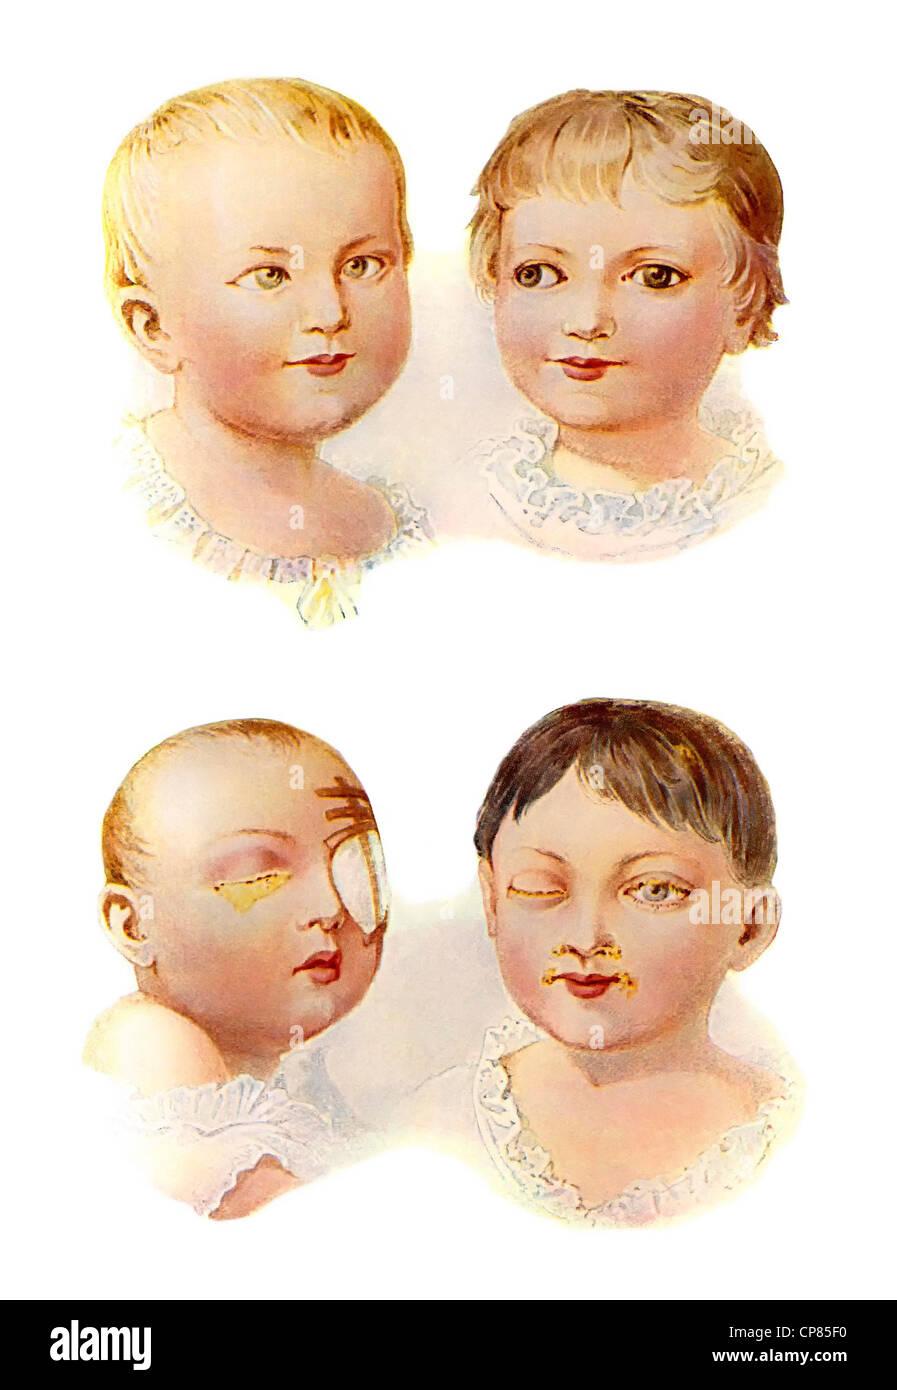 Images from a medical book, children's eye diseases, Darstellungen aus einem medizinischen Buch, Augenkrankheiten - Stock Image